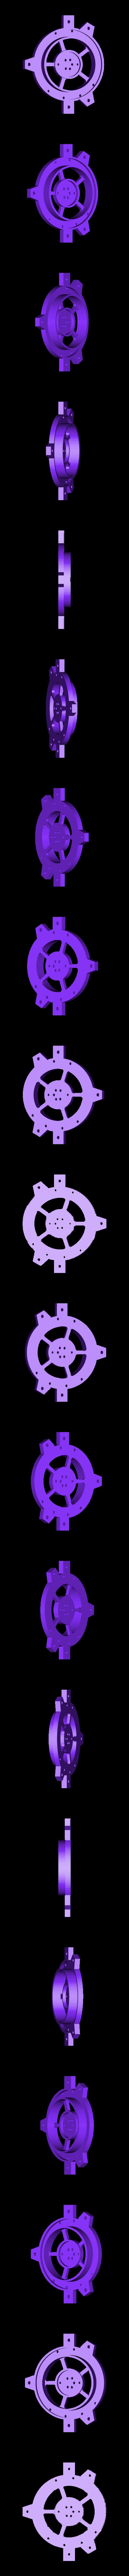 bhl-plate.stl Download free STL file NeoPixel Bike Light • 3D printer template, Adafruit